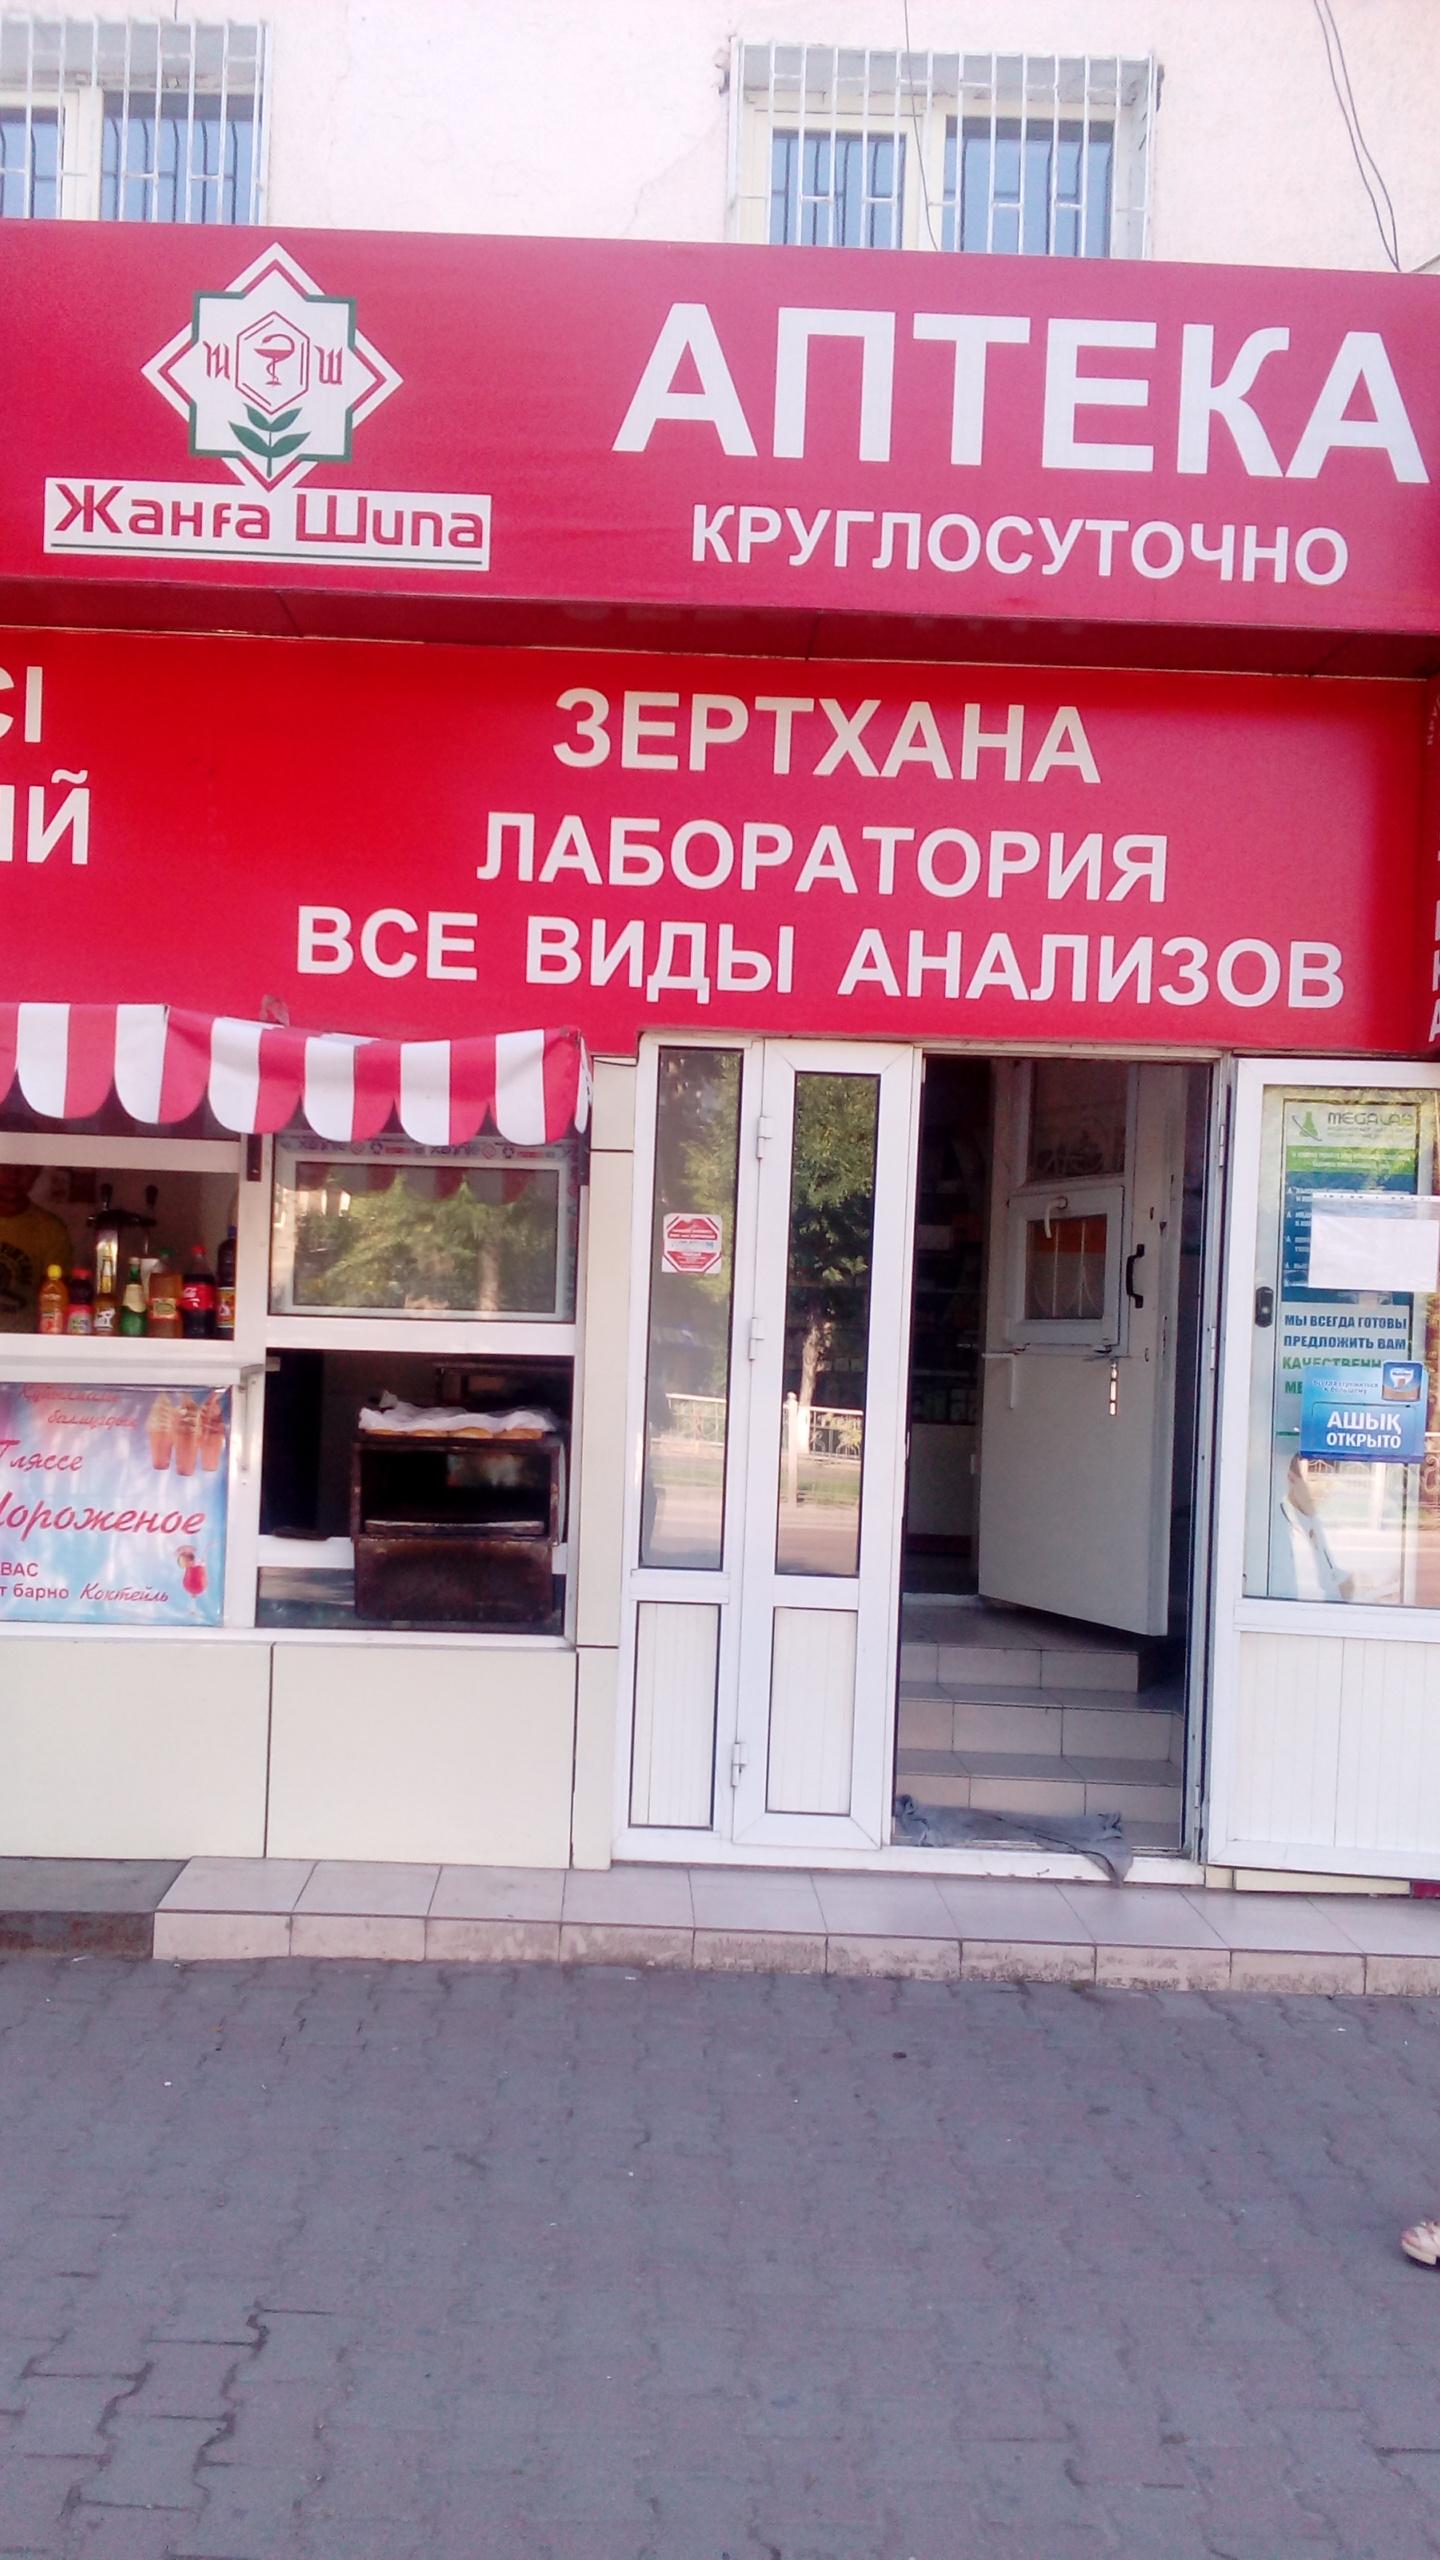 """""""ЖАНҒА ШИПА"""" дәріханасы"""